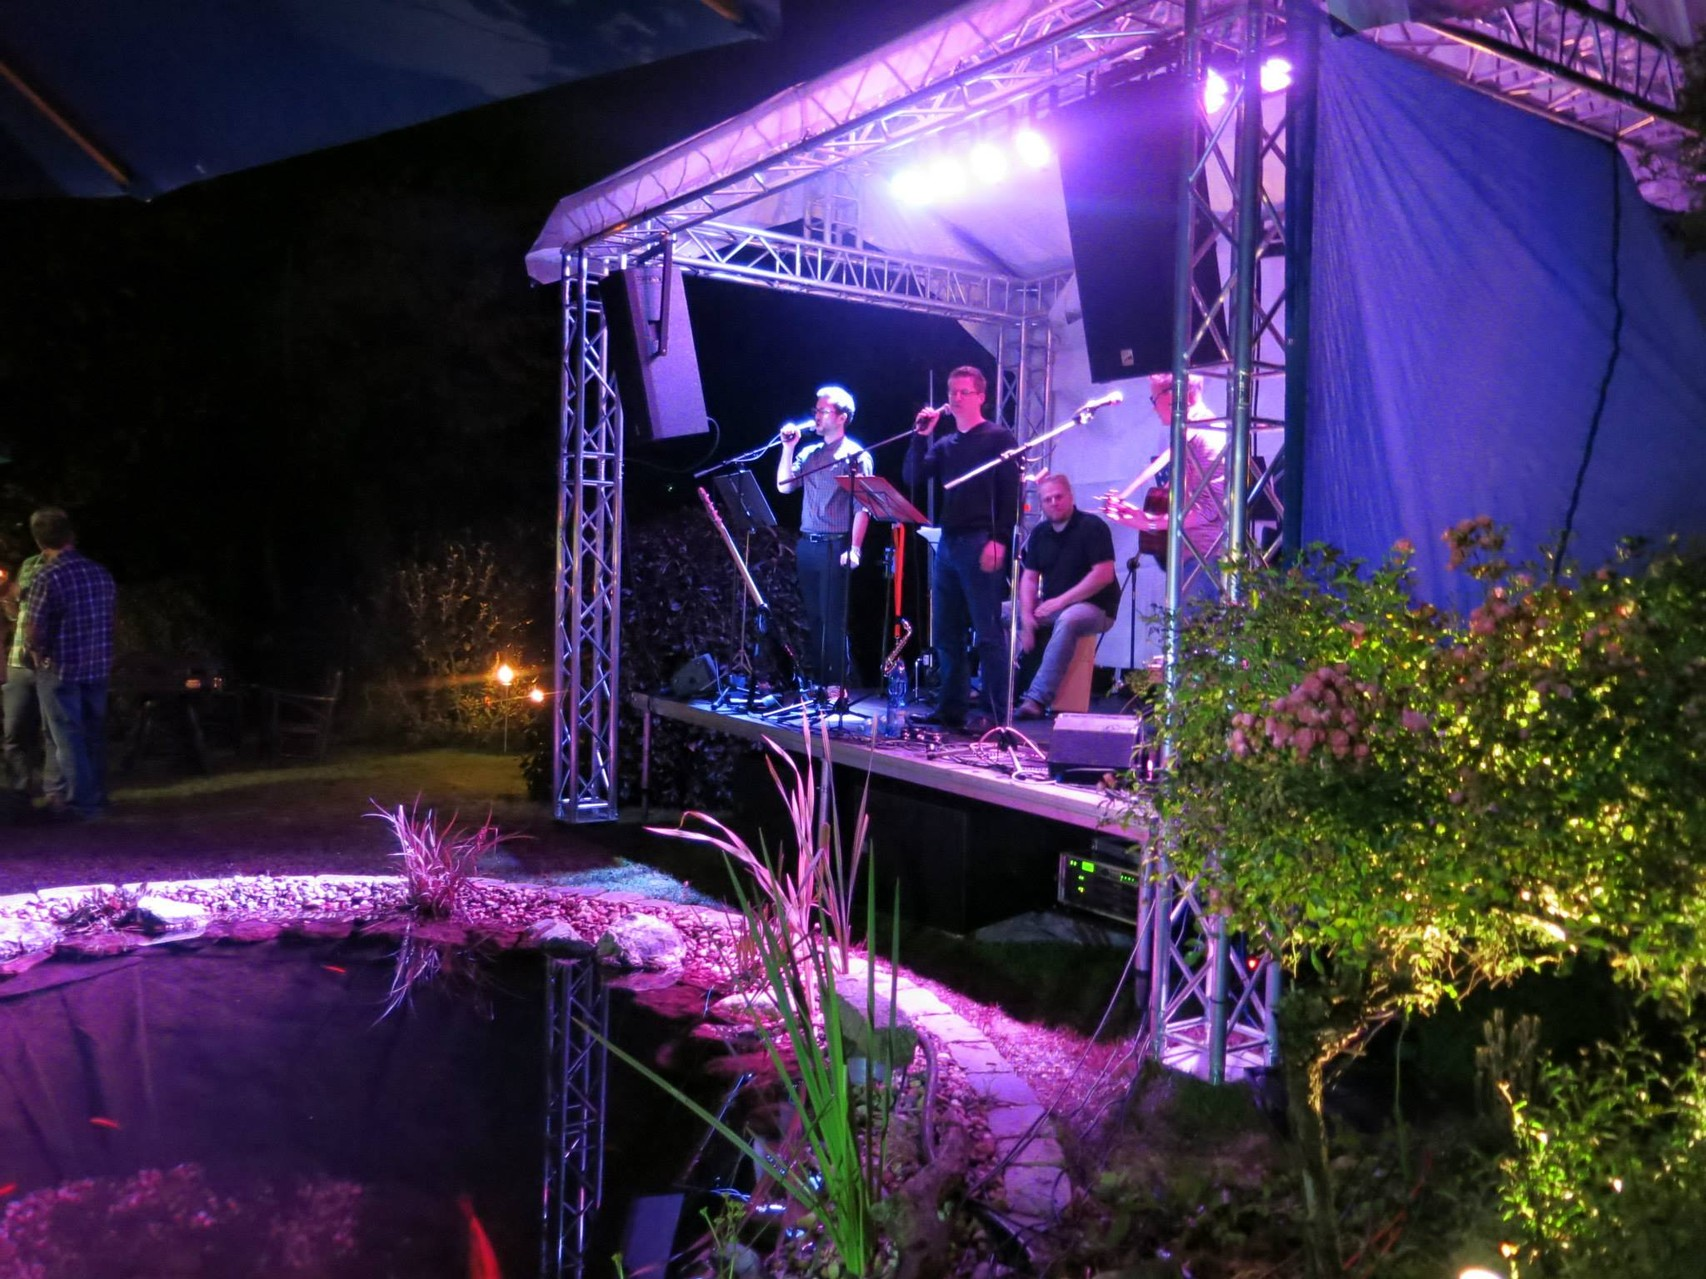 30.08.2014 - Abendprogramm auf Sevos Geburtstag